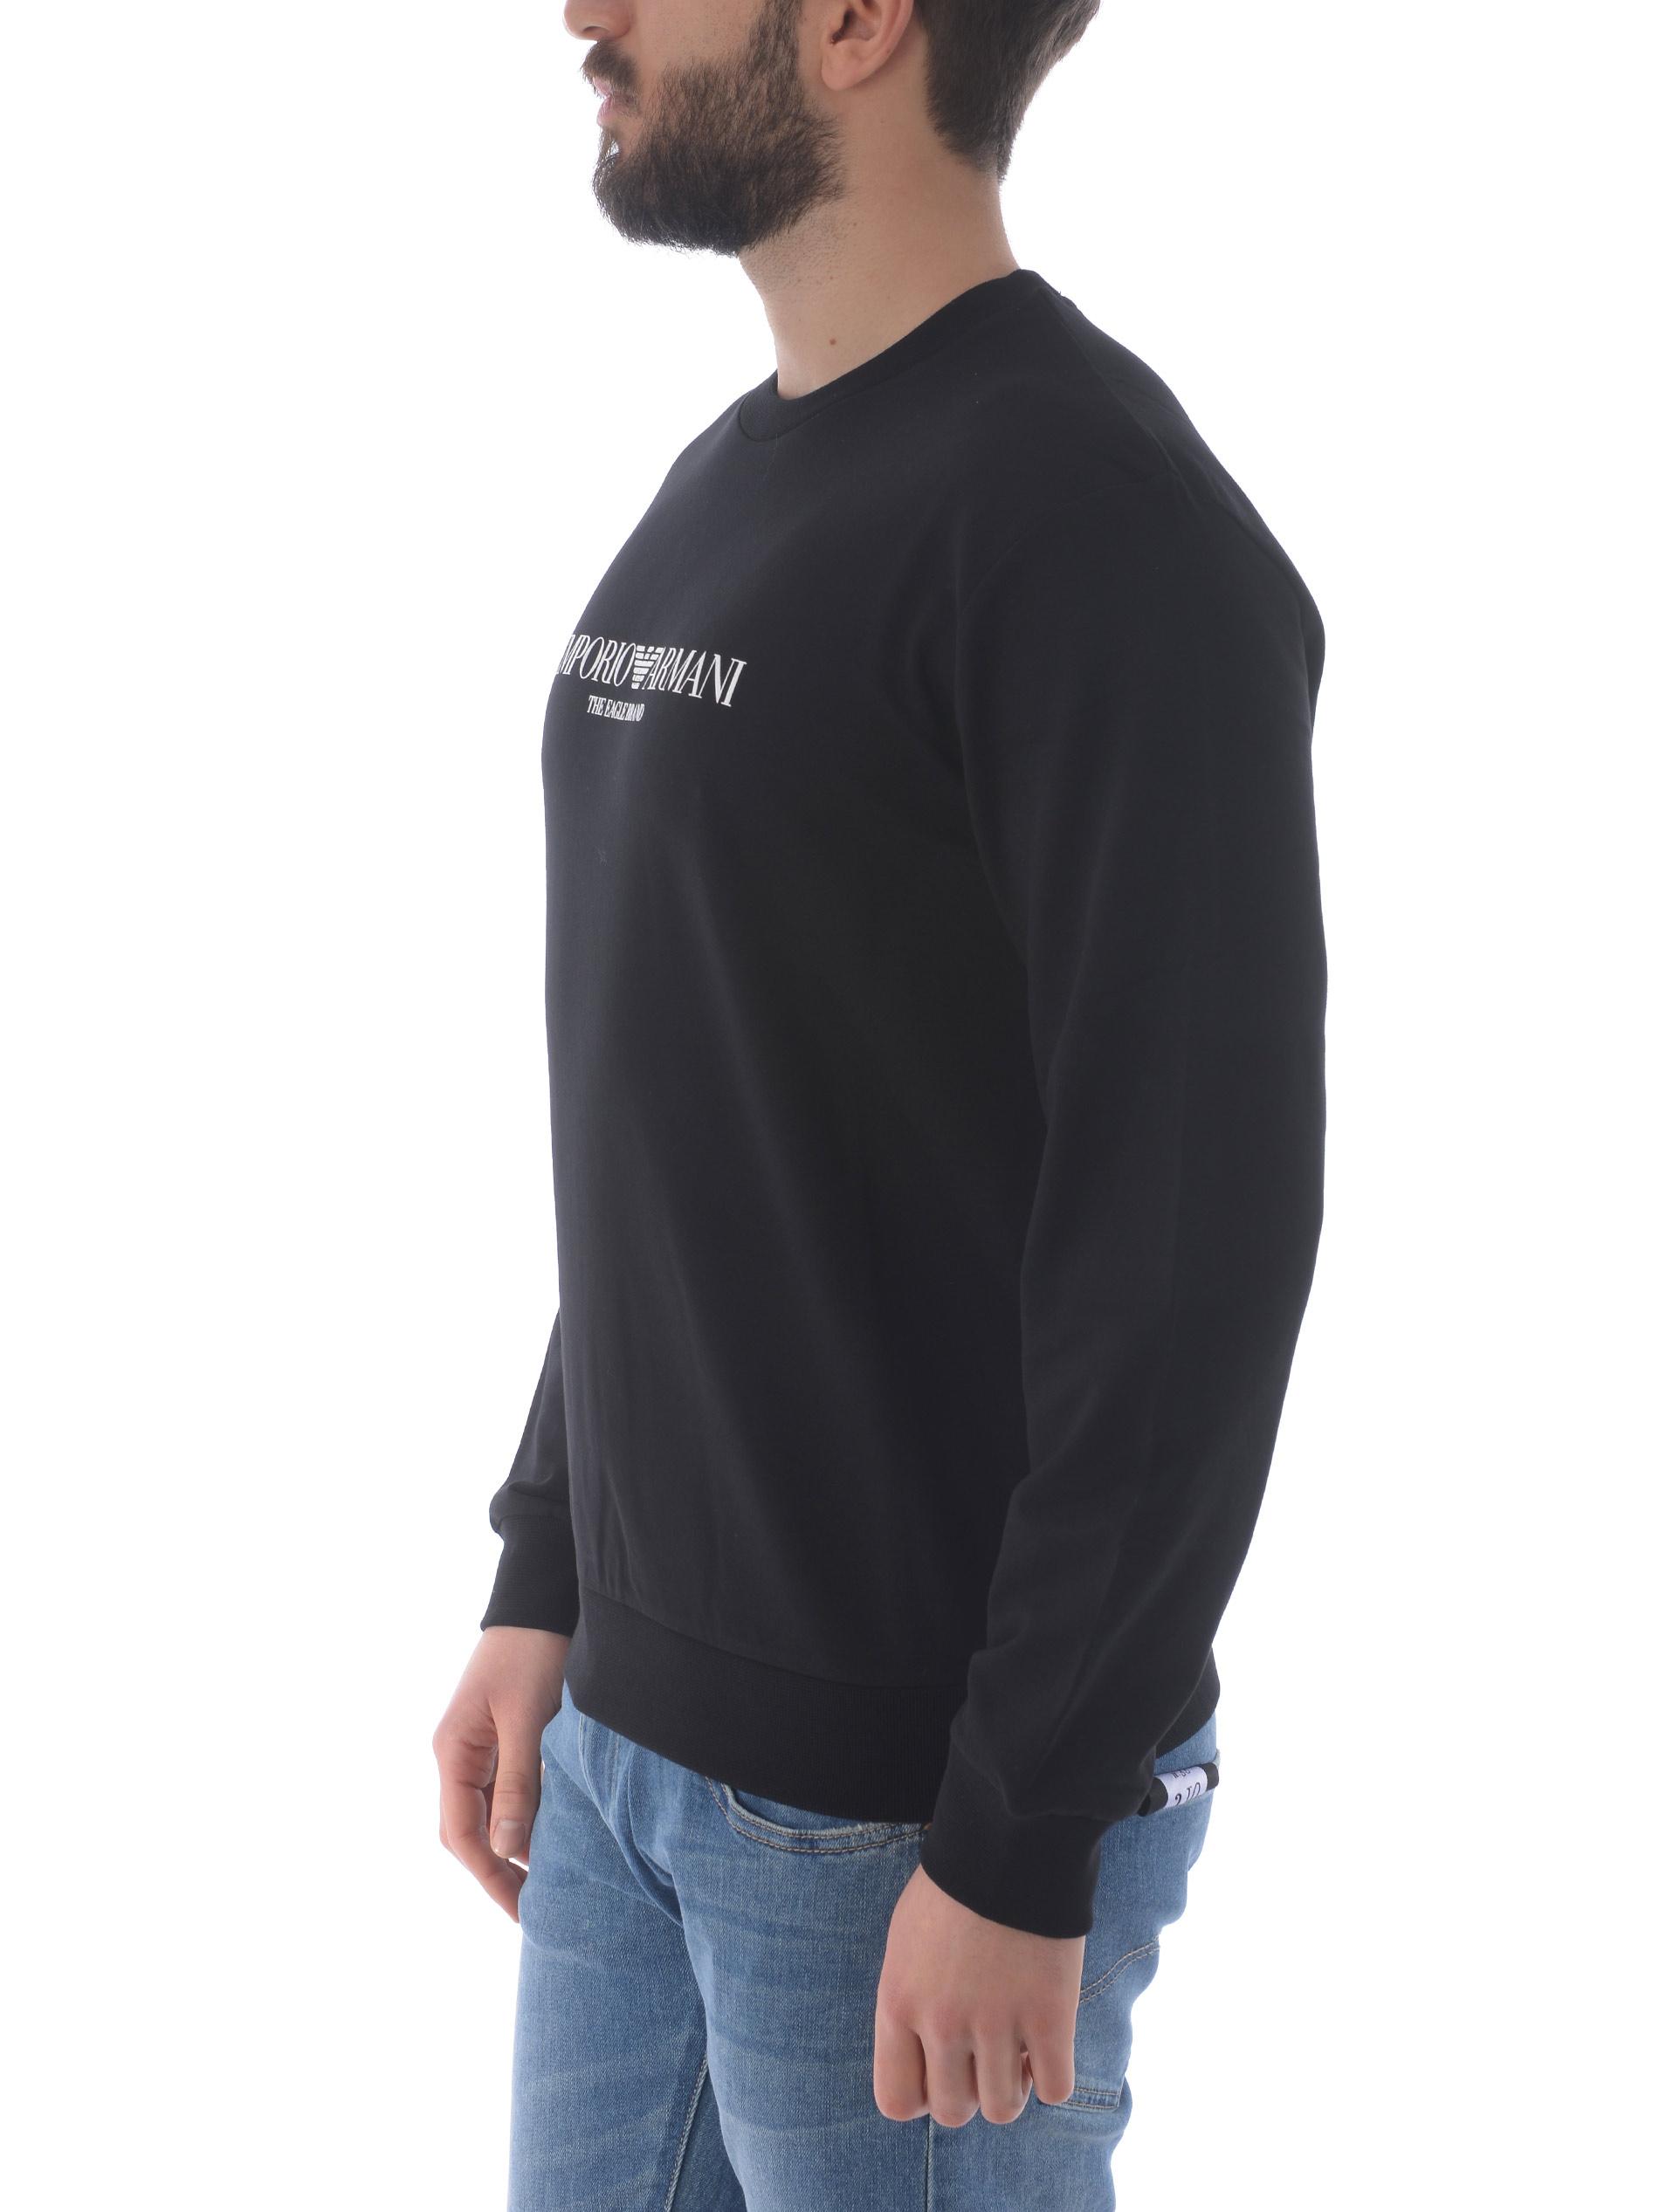 Felpa Emporio Armani in cotone stretch EMPORIO ARMANI | 10000005 | 8N1ME81J04Z-0999